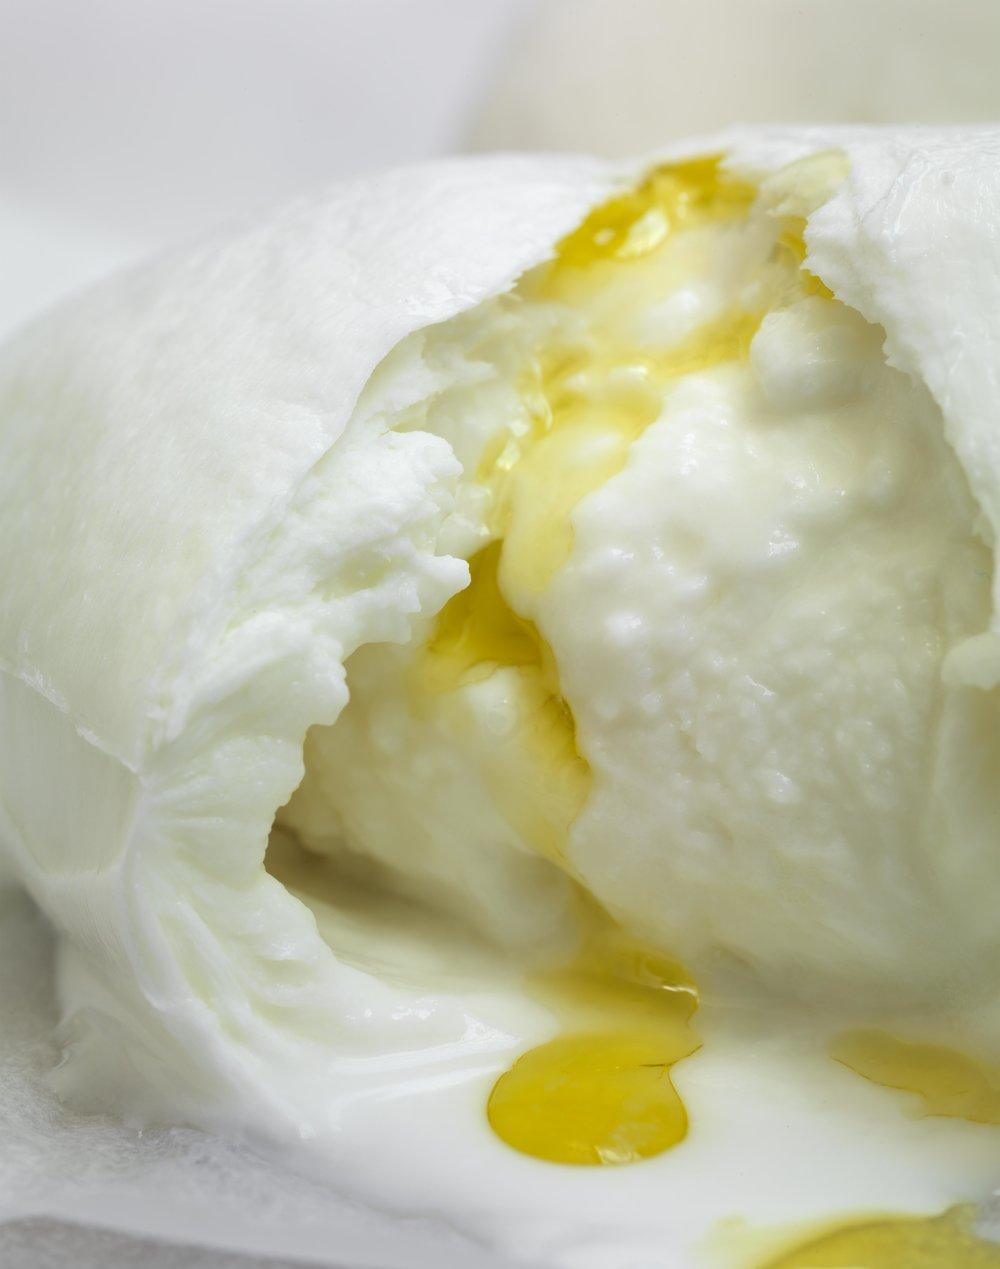 Wonderful oozy creamy burrata